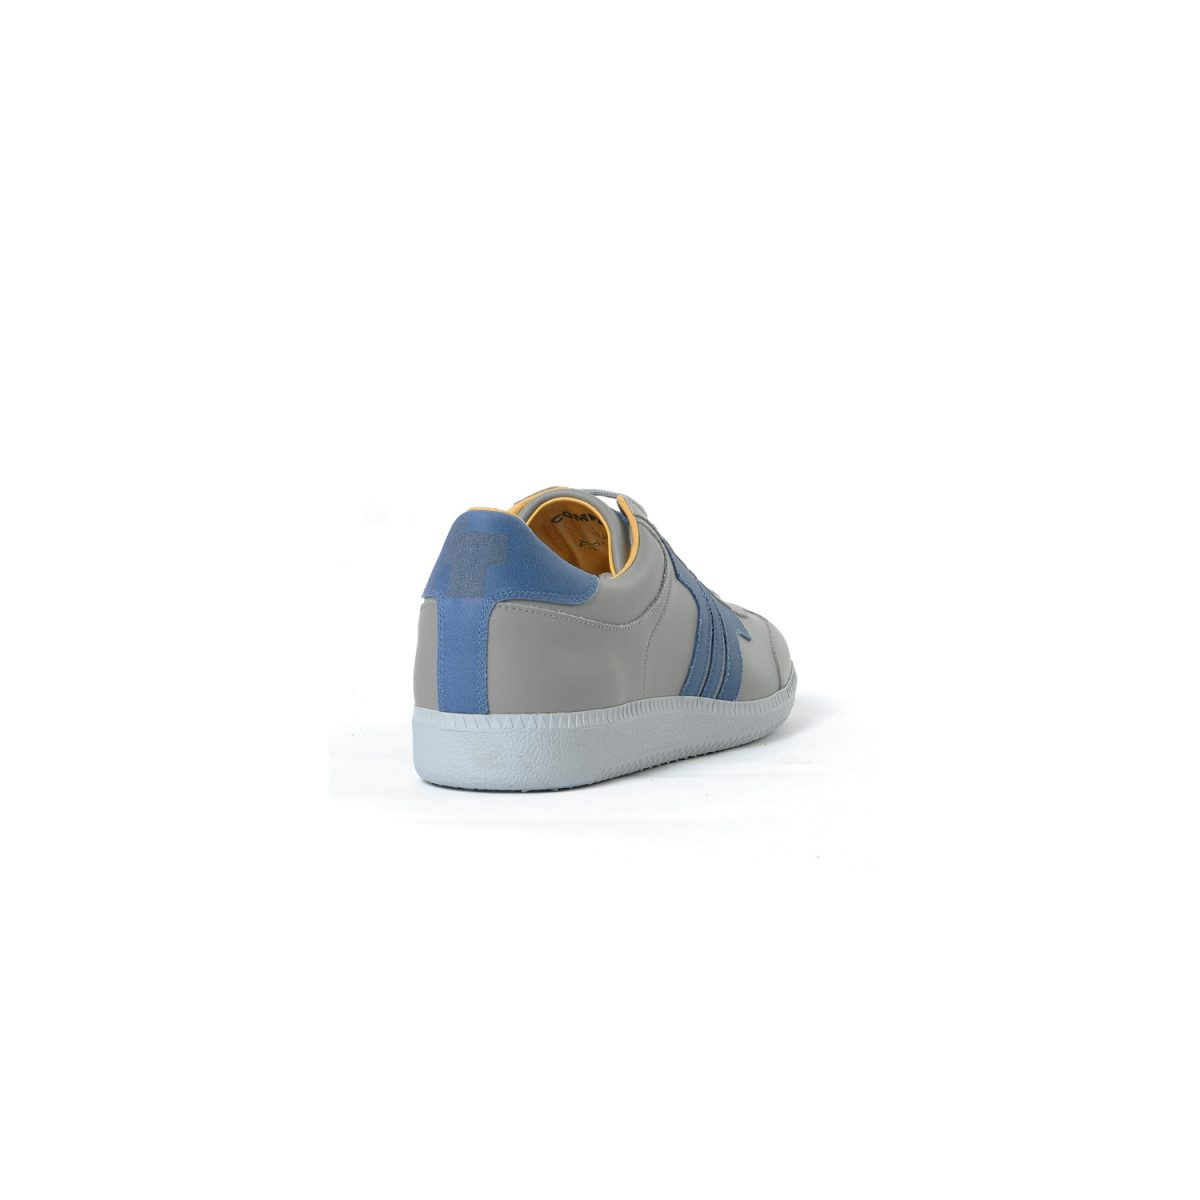 Tisza cipő - Compakt - Szürke-kék